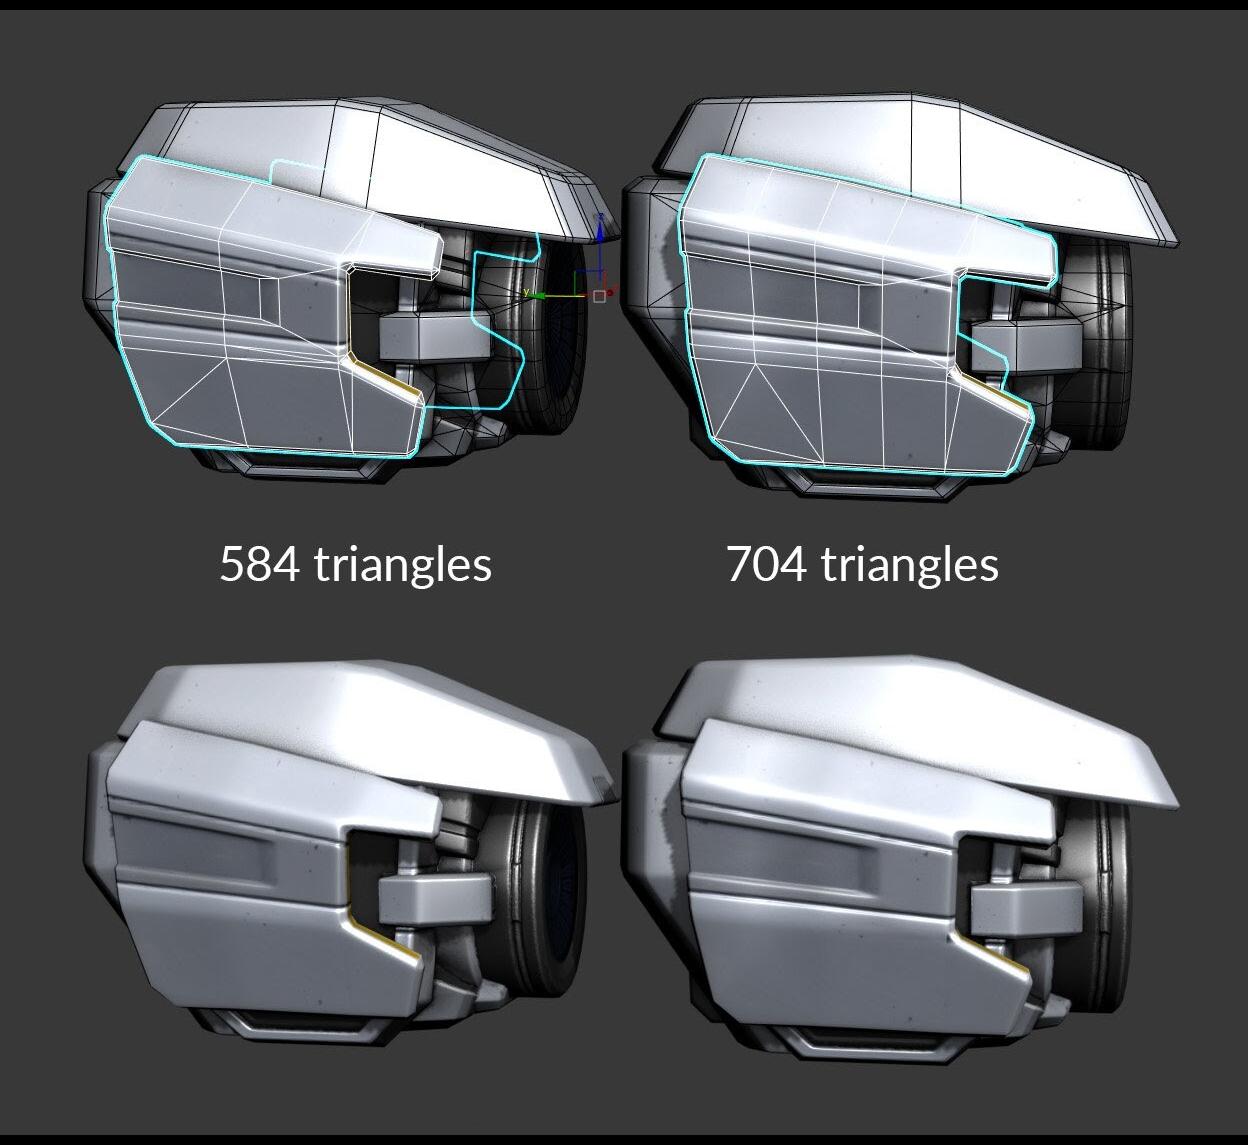 左側のオブジェクトには 584 個の三角形があり、右側のオブジェクトには 704 個の三角形があります。